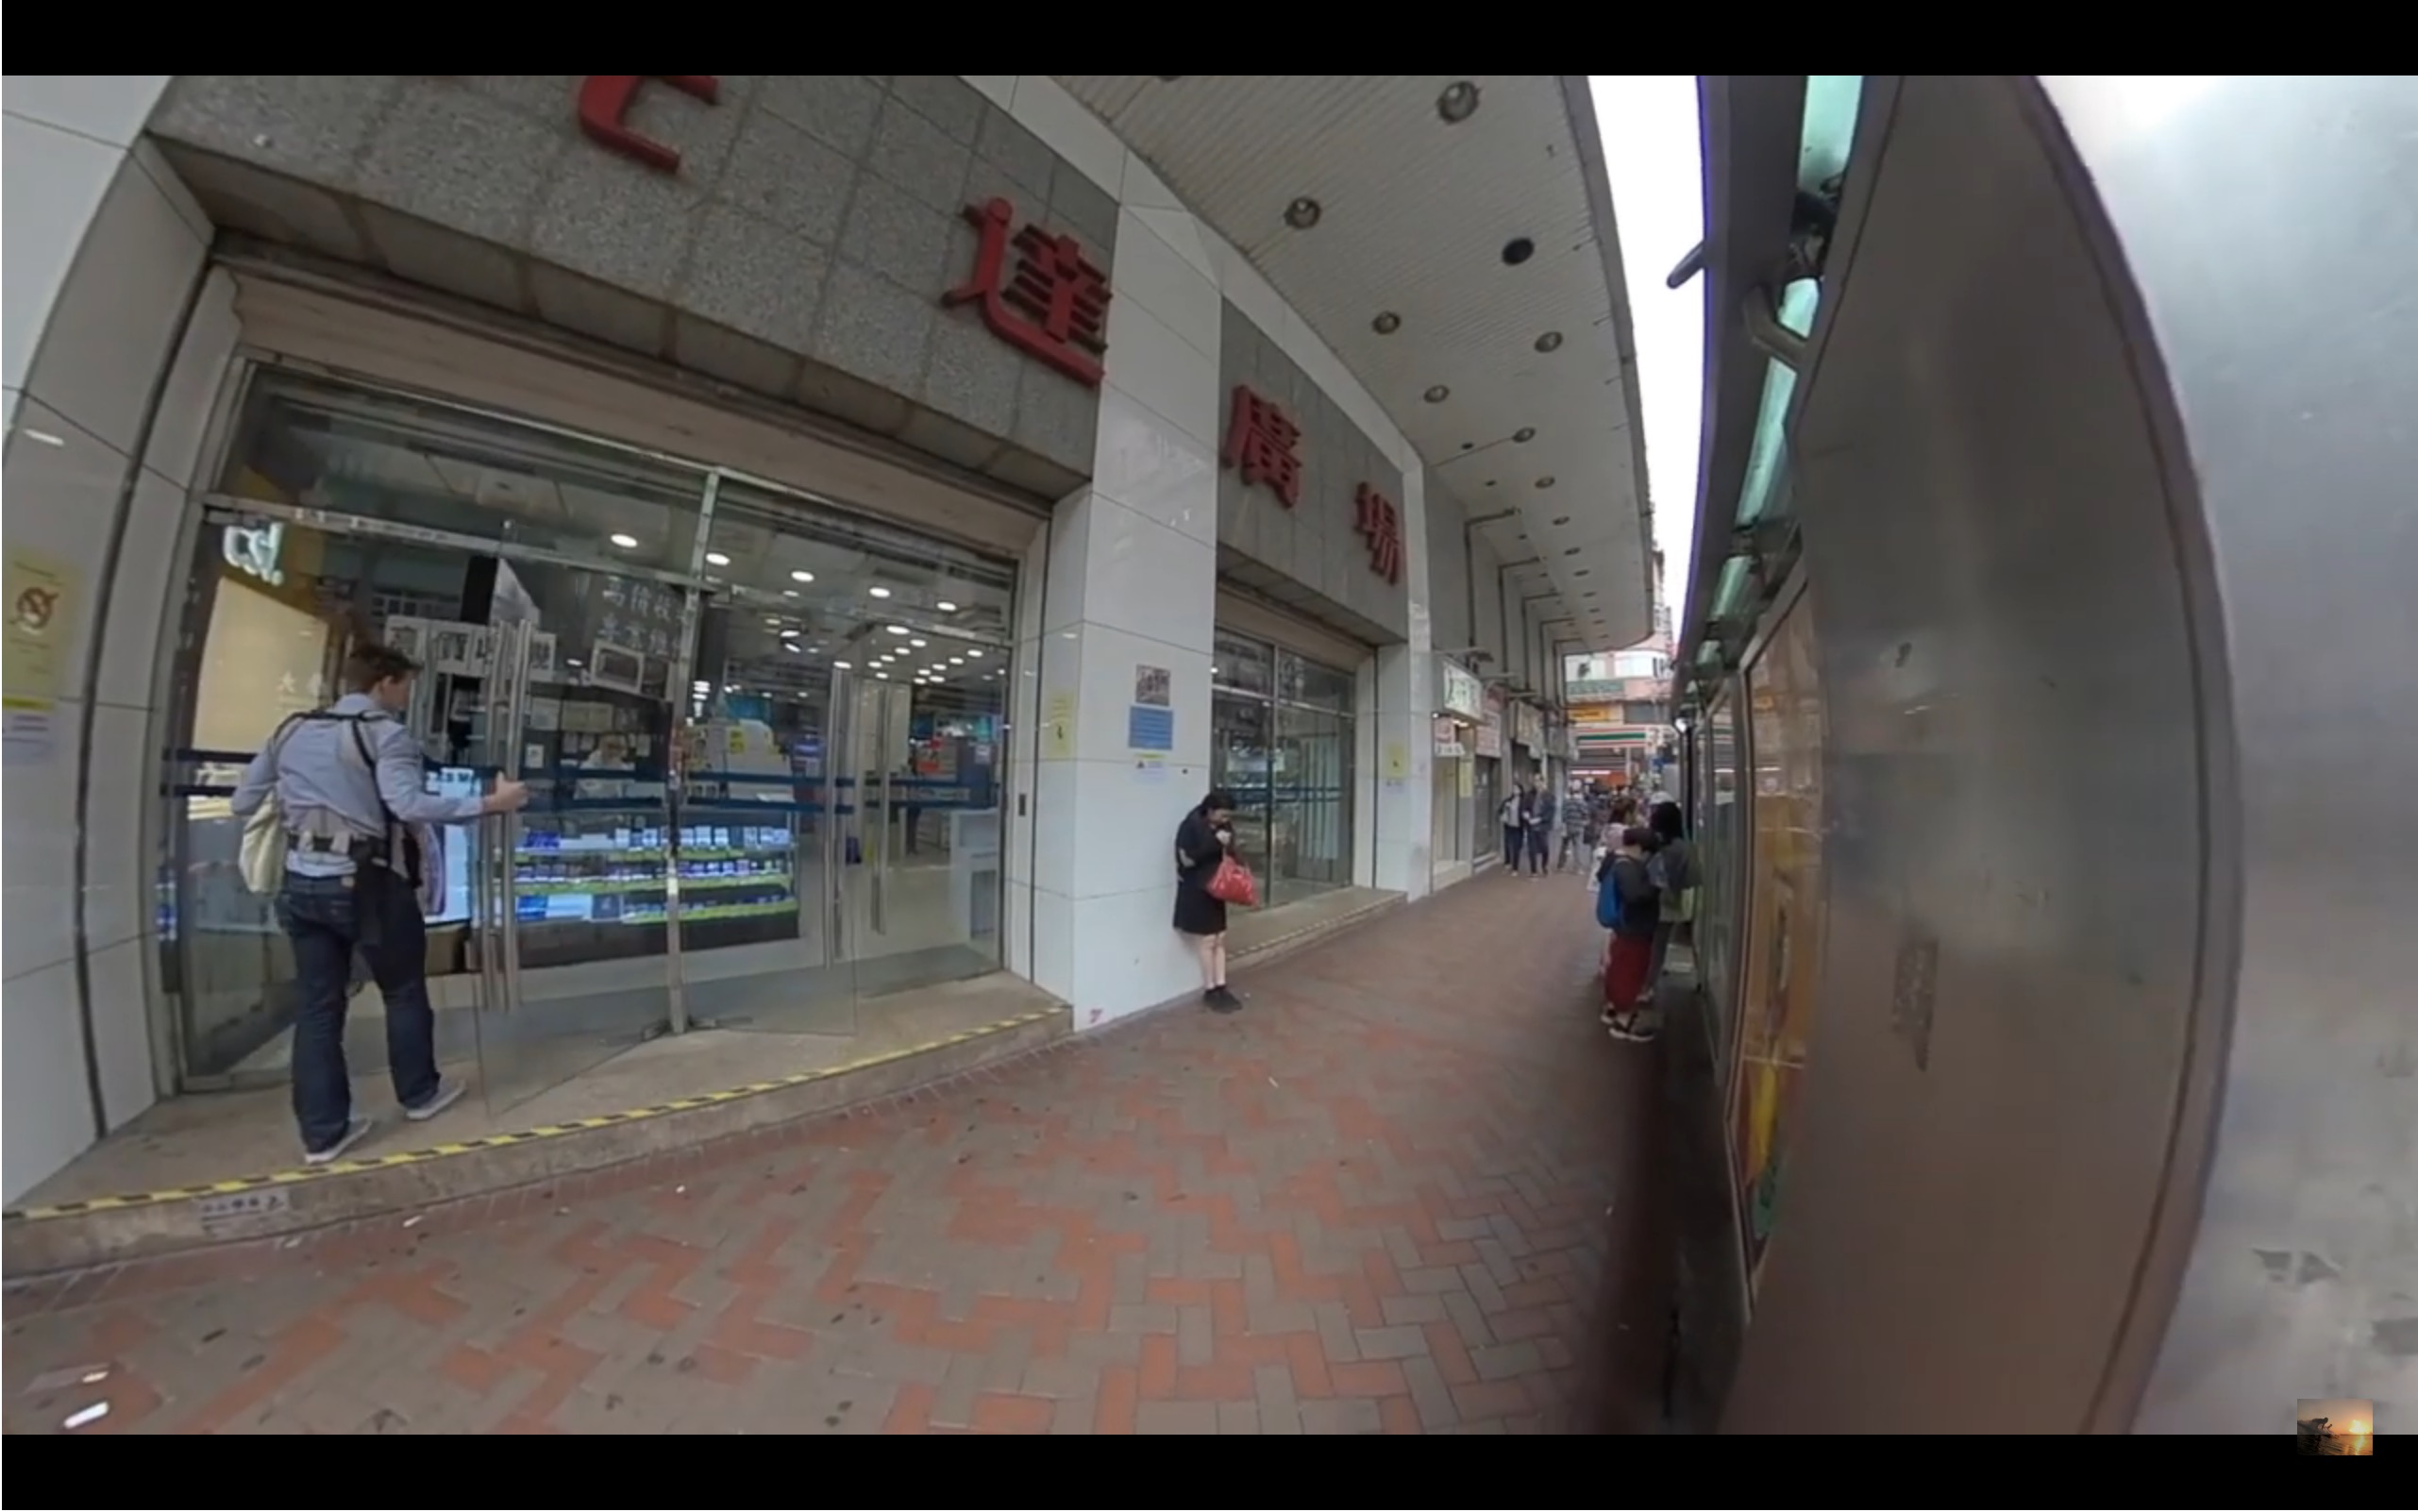 香港 旺角の電気ビル 先達広場の外観